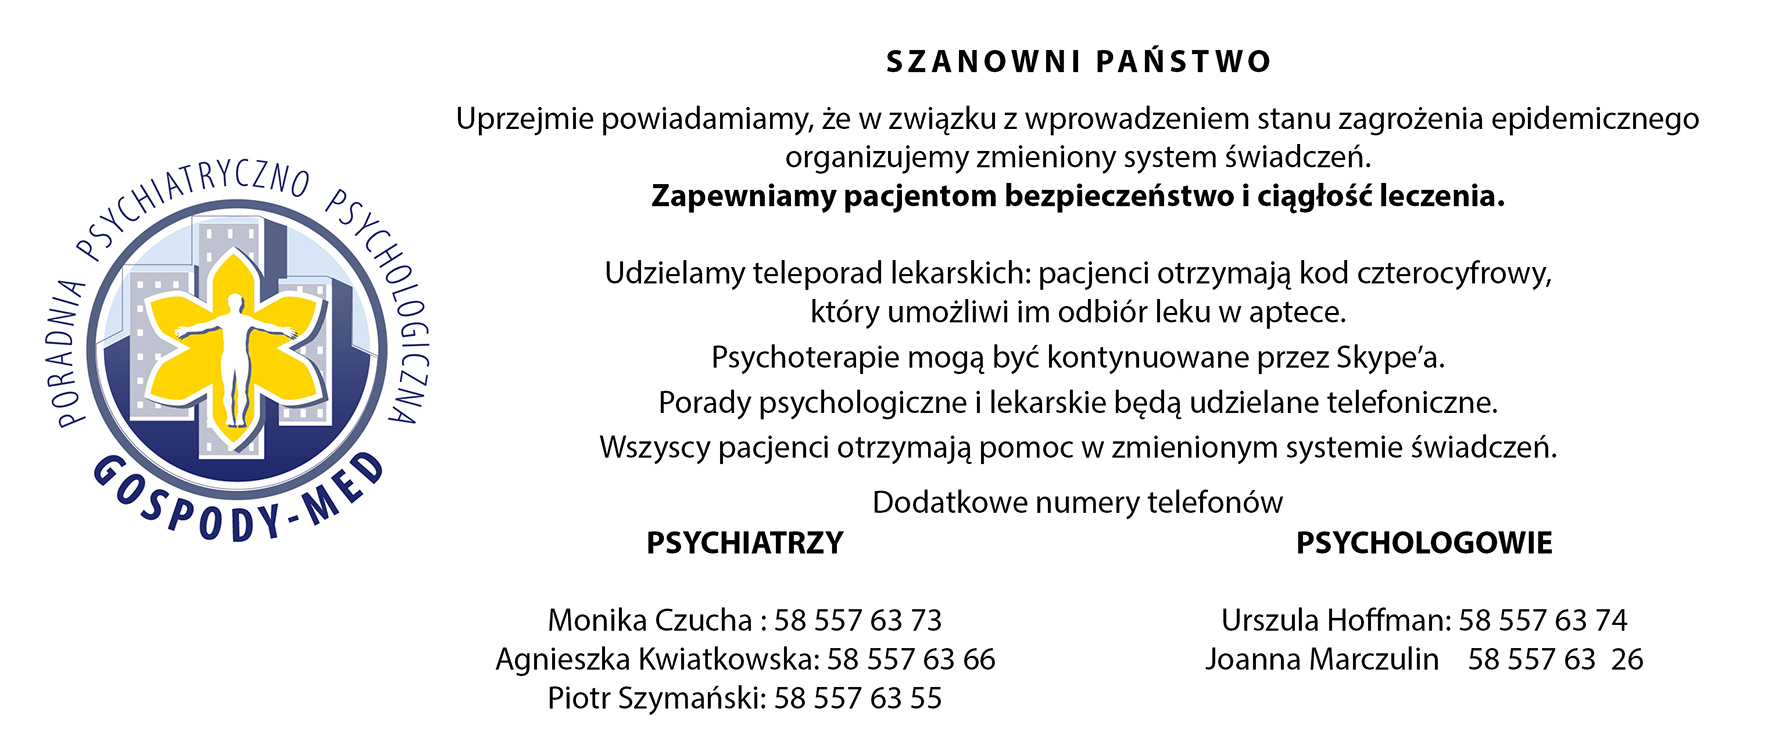 Gospody-Med Sp. z o.o.